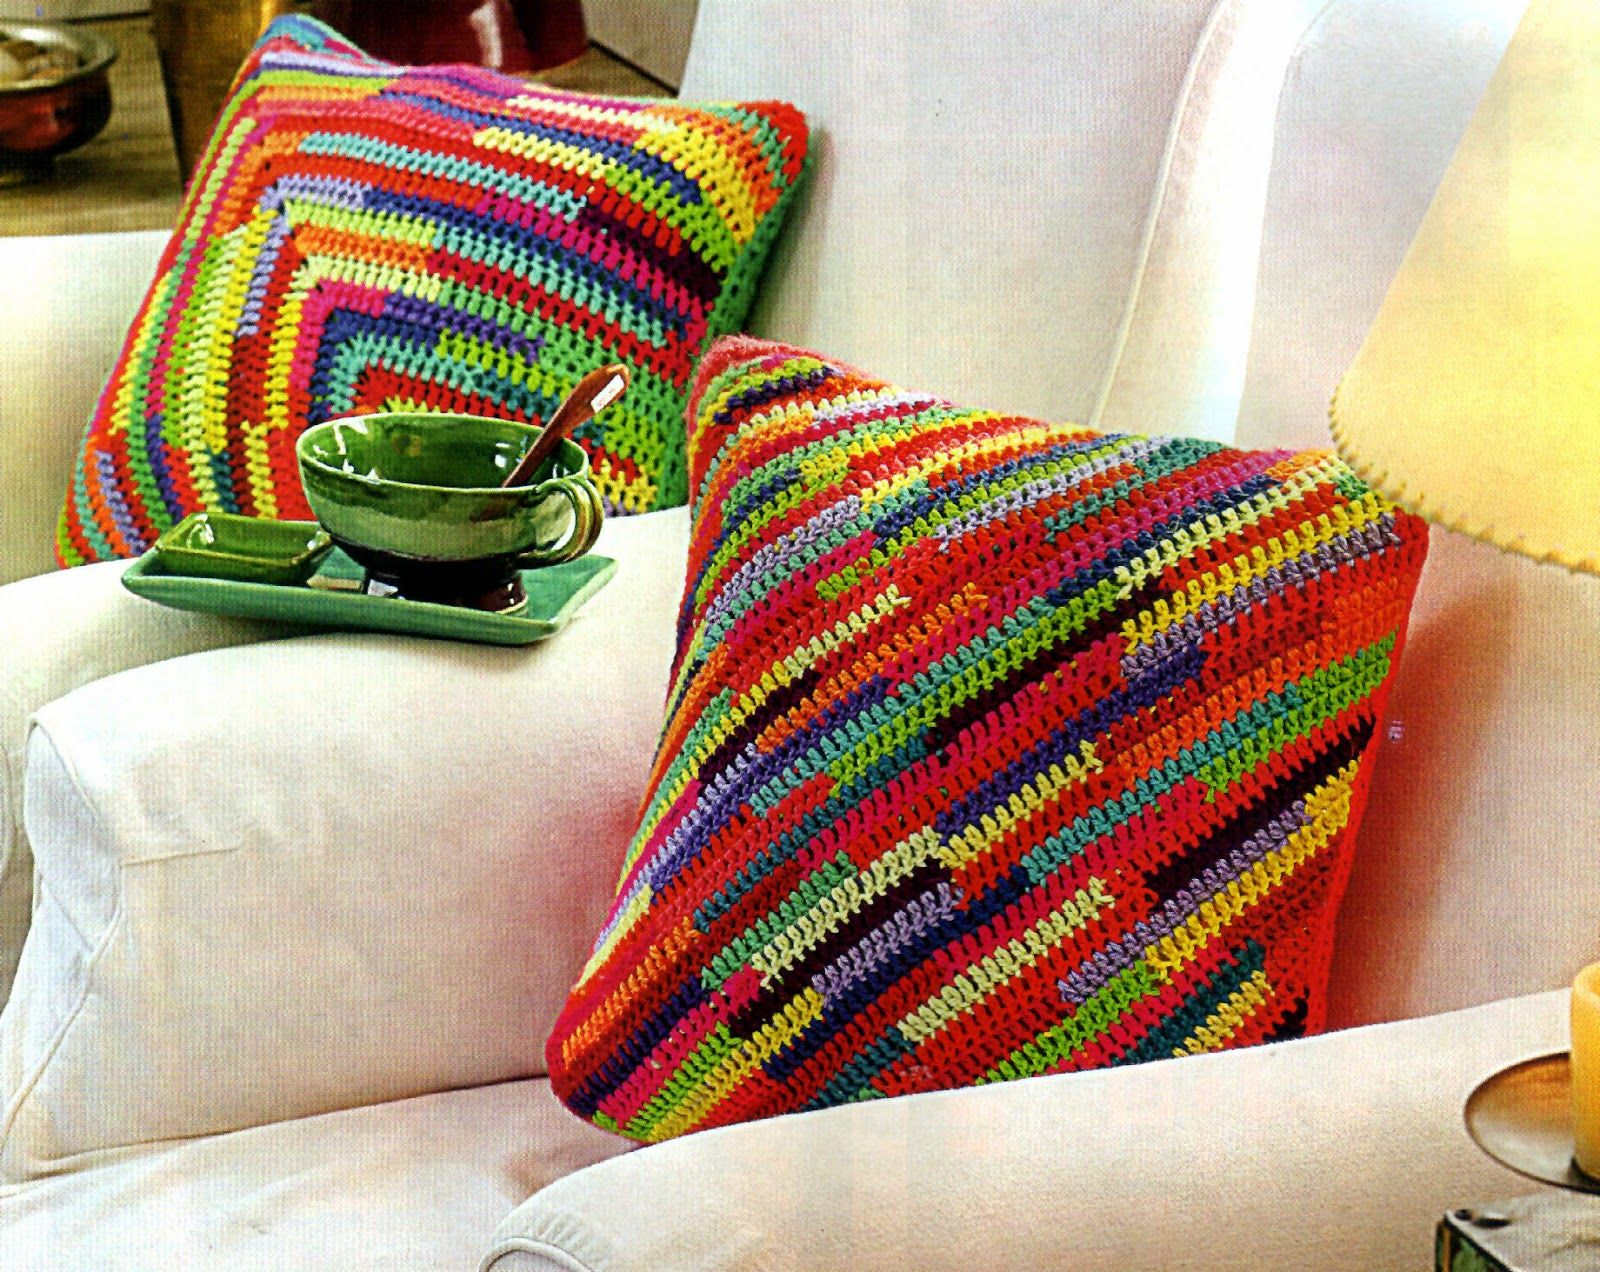 Tejidos artesanales en crochet almohadones multicolor tejidos en crochet cojines tejidos - Cojines de lana ...